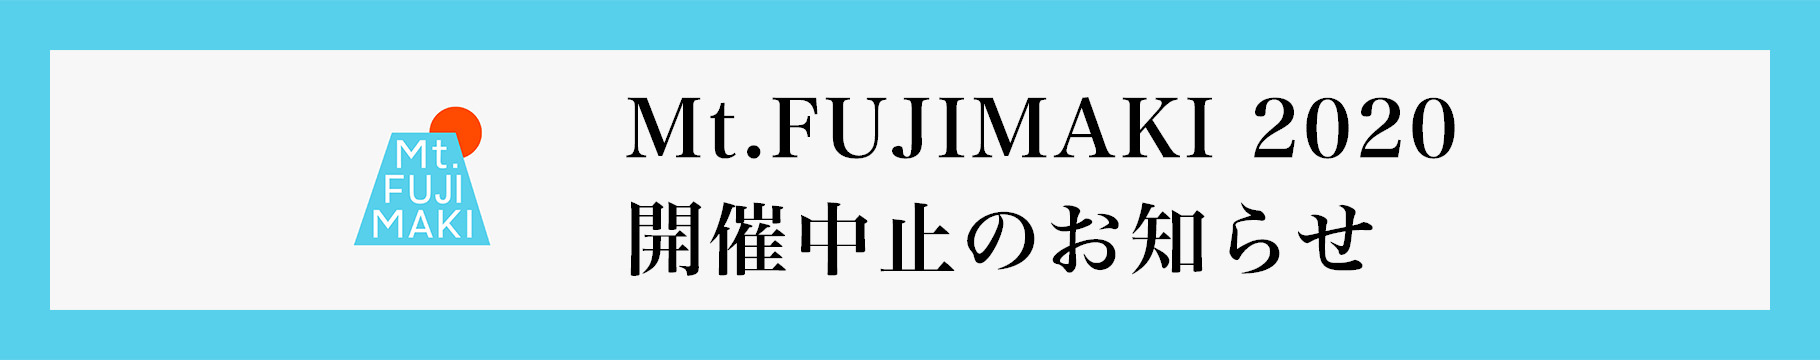 Mt.FUJIMAKI 2020 開催中止のお知らせ